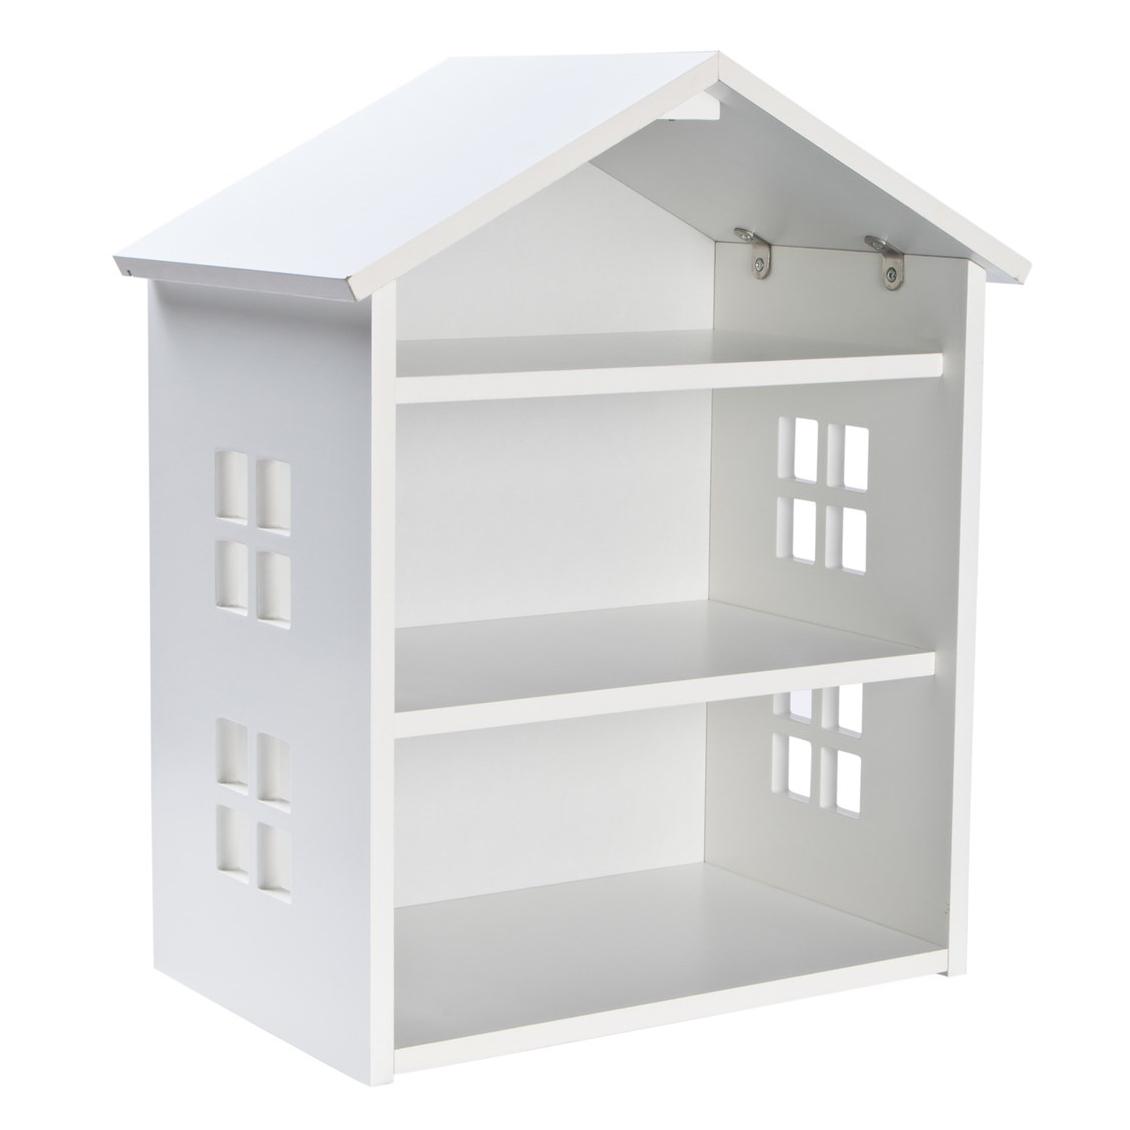 Full Size of Regal Kaufen Stoy Kinderzimmer Puppenhaus Aus Holz Wei 40x48cm Bei Kisten Küche Mit Elektrogeräten Regale Selber Bauen Günstig Betten 60 Cm Tief Regal Regal Kaufen